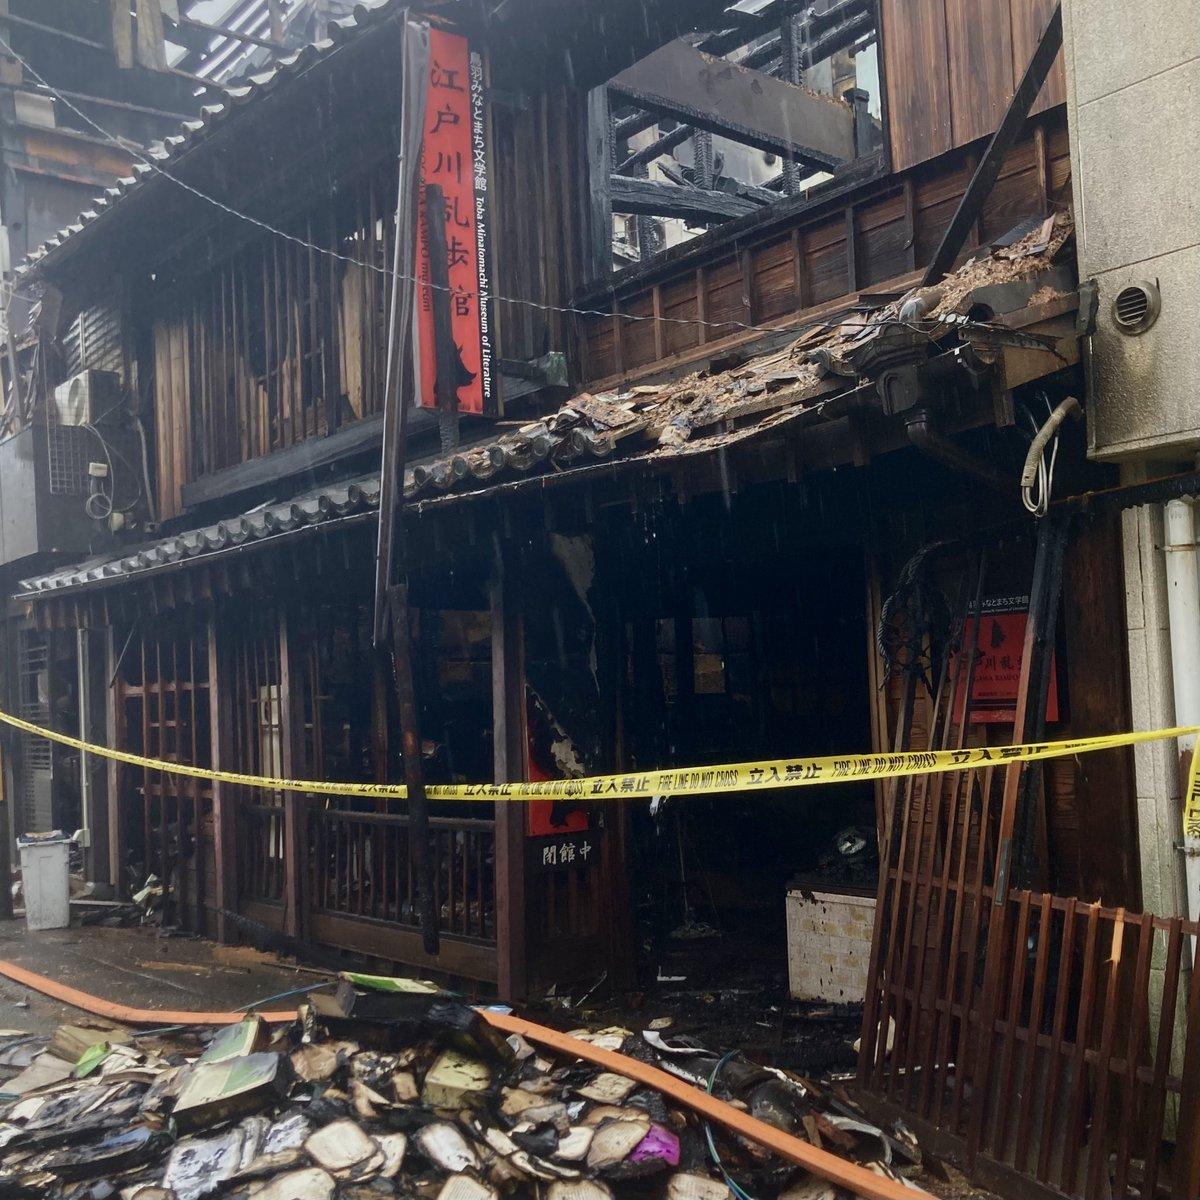 今回一番楽しみにしていた江戸川乱歩館が昨日の夜、焼失してしまったらしい。嗚呼、、